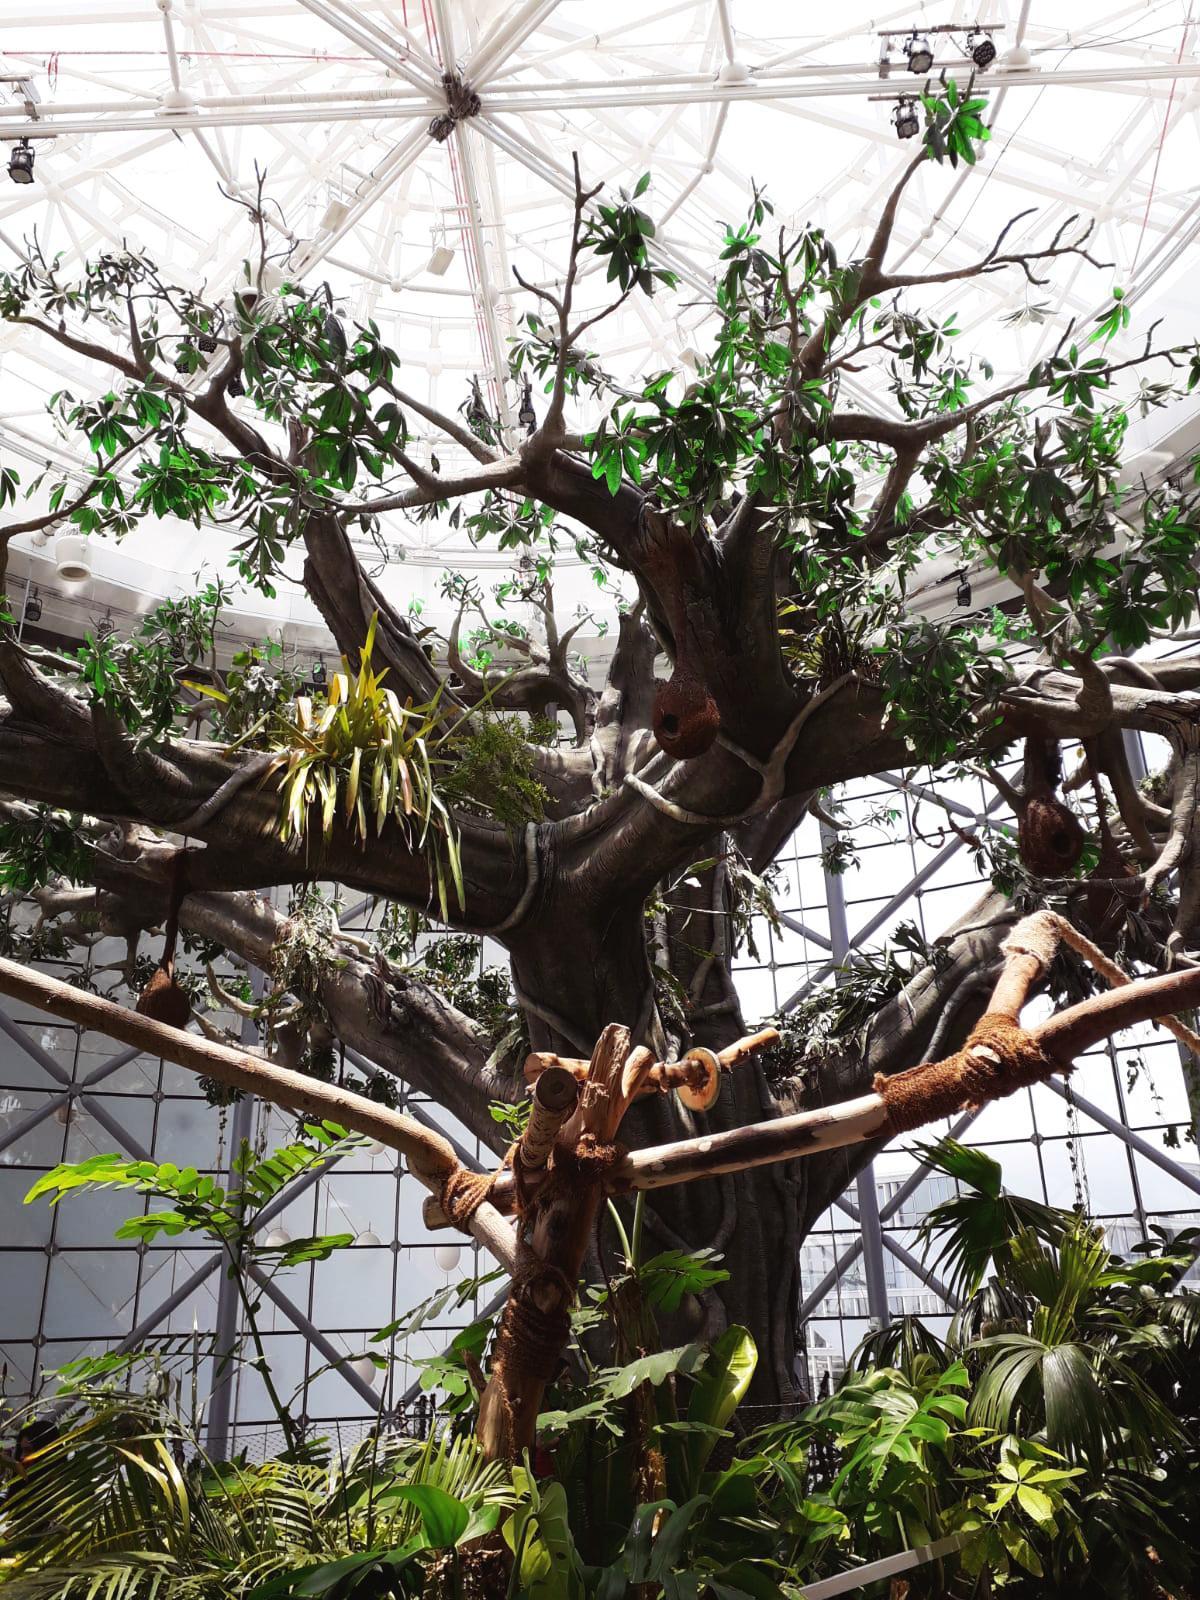 Im Inneren des Gebäudes steht der weltgrößte künstliche Indoor-Baum